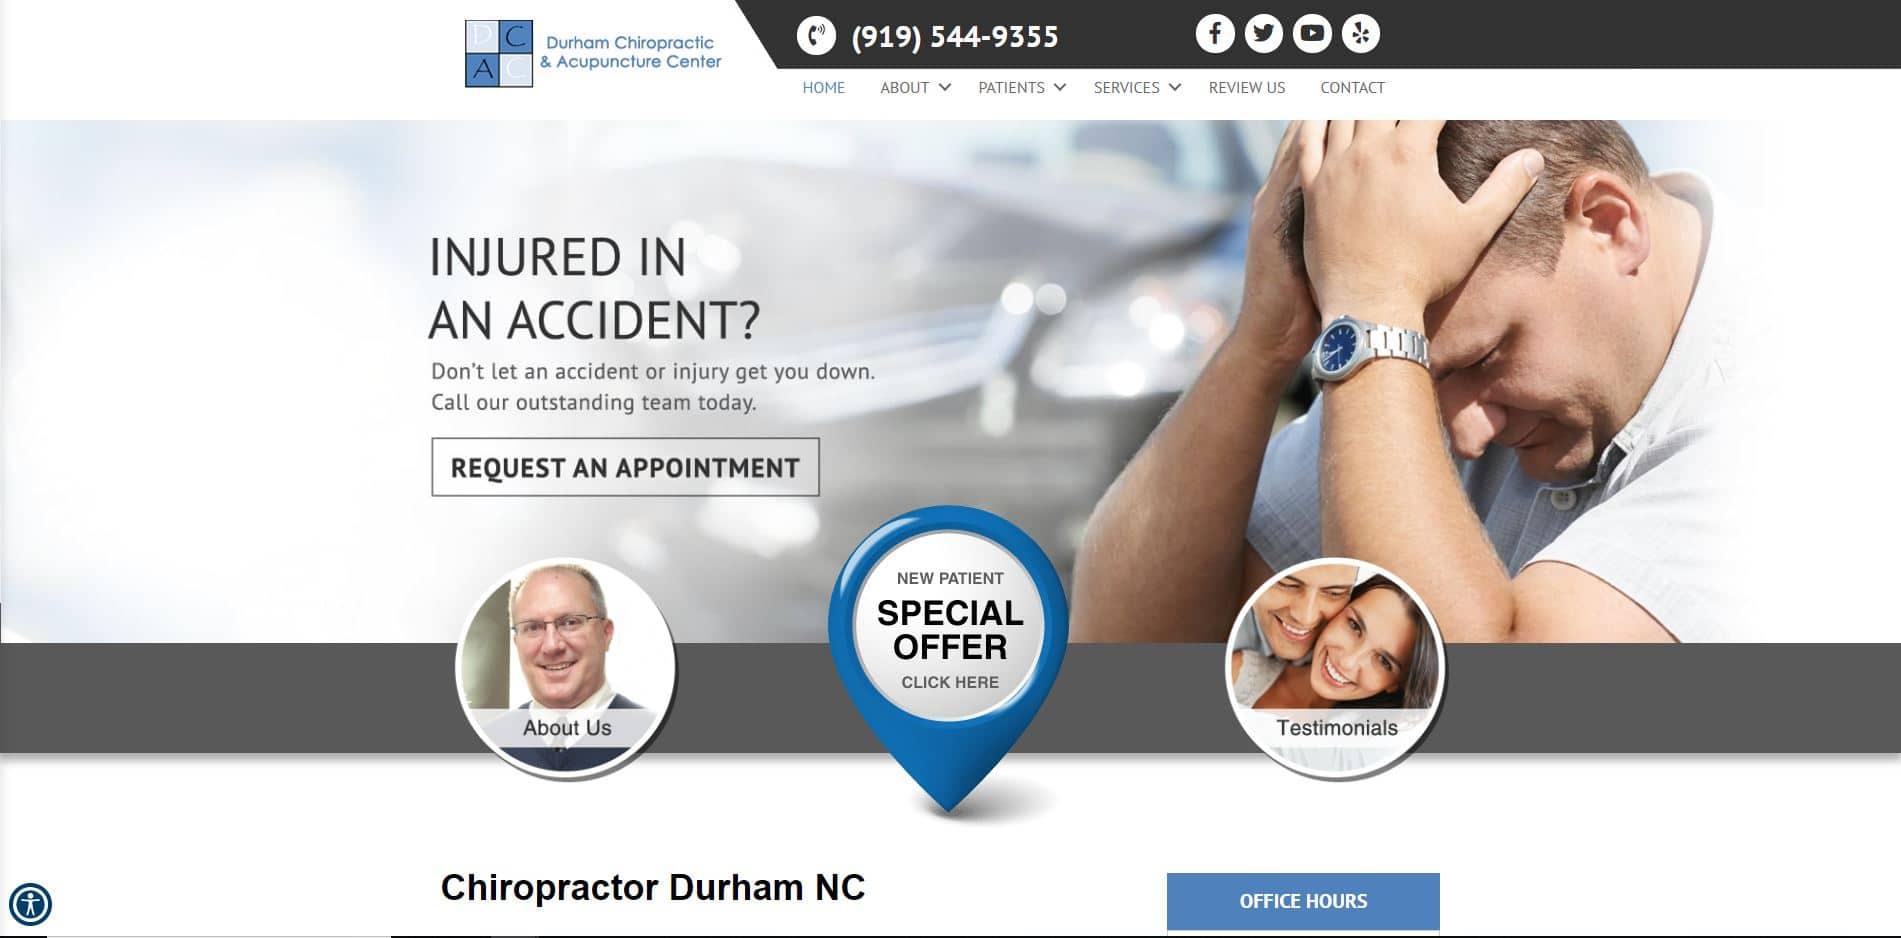 Chiropractor in Durham